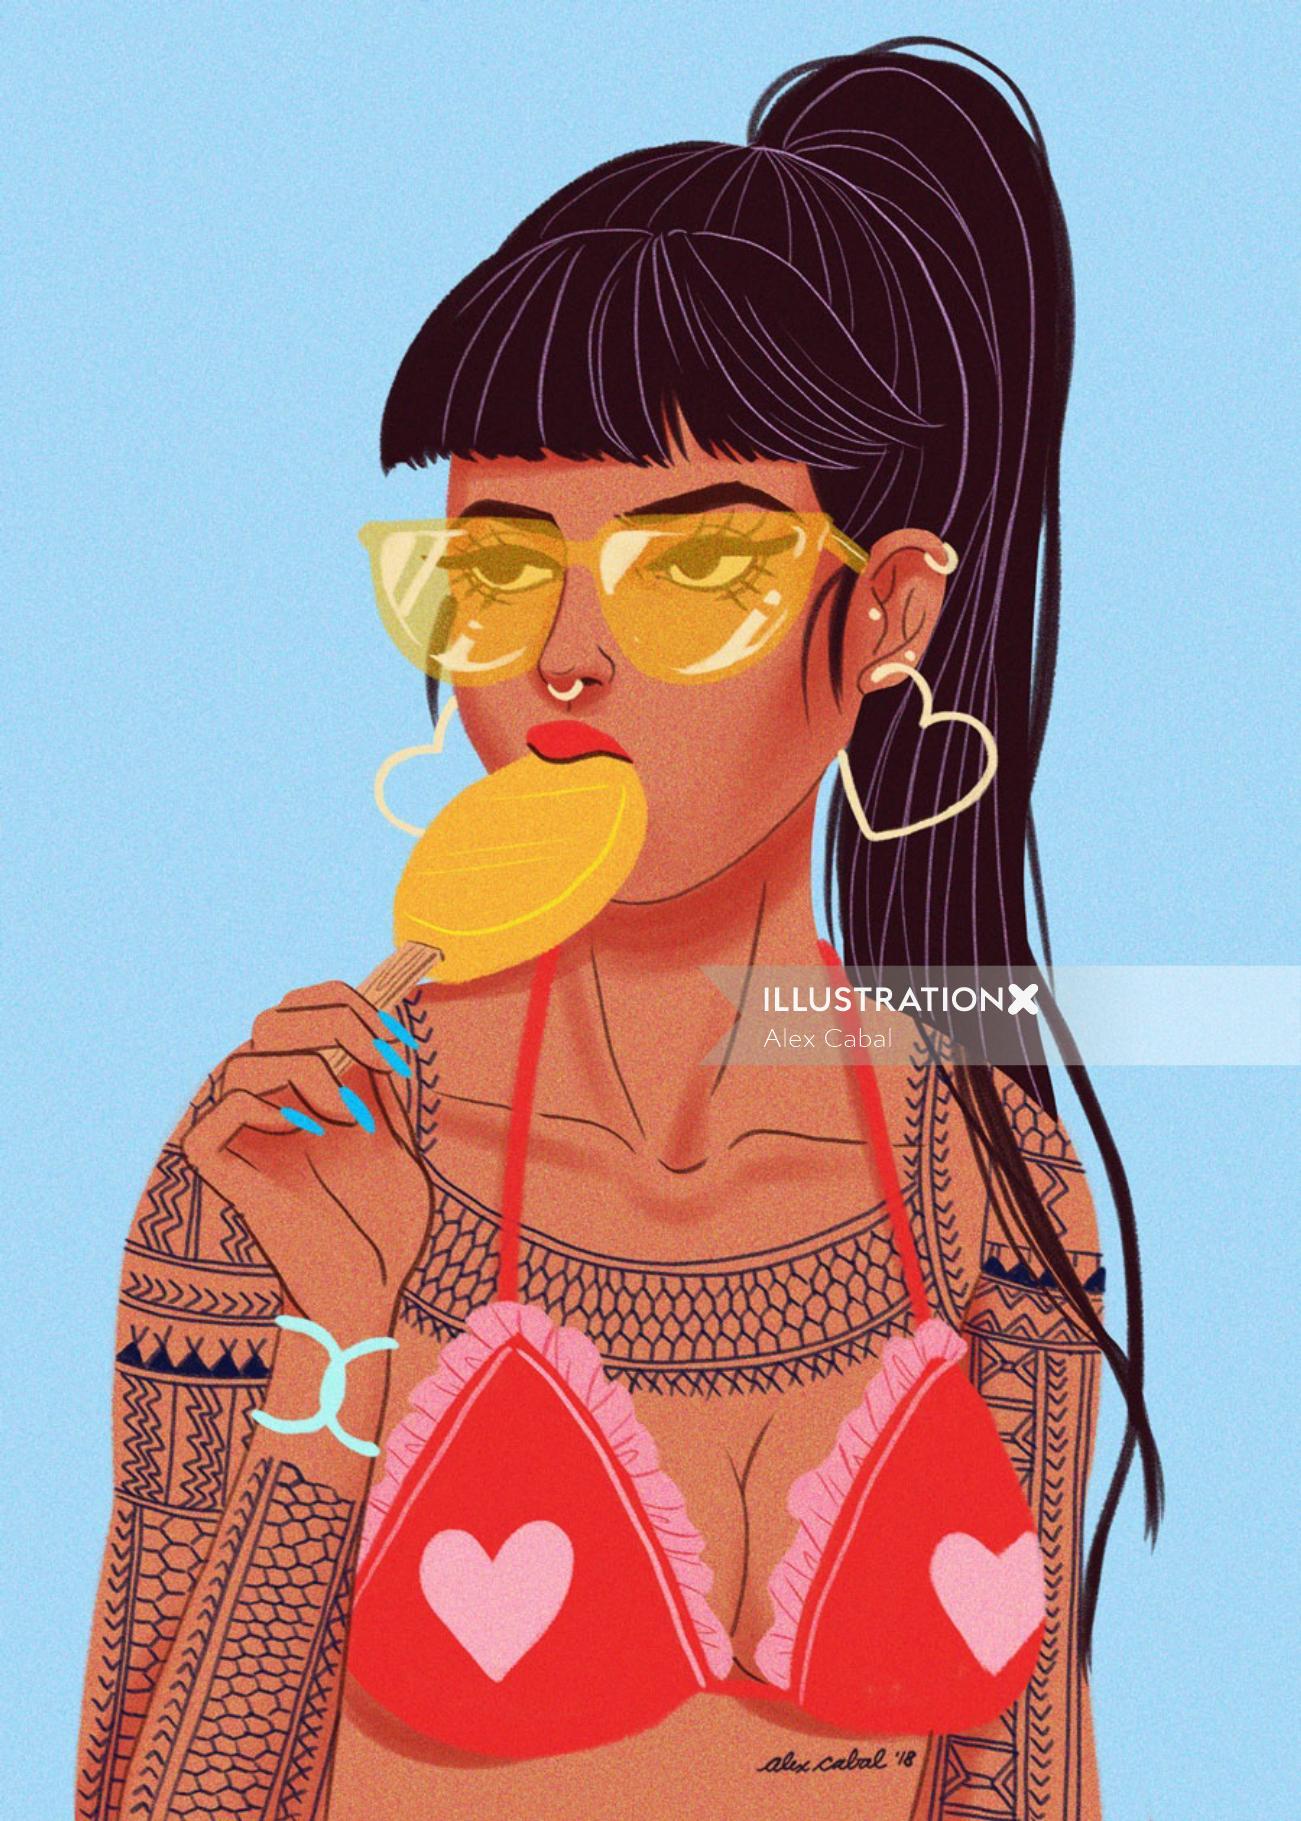 Tattoo Girl eating popsicle illustration